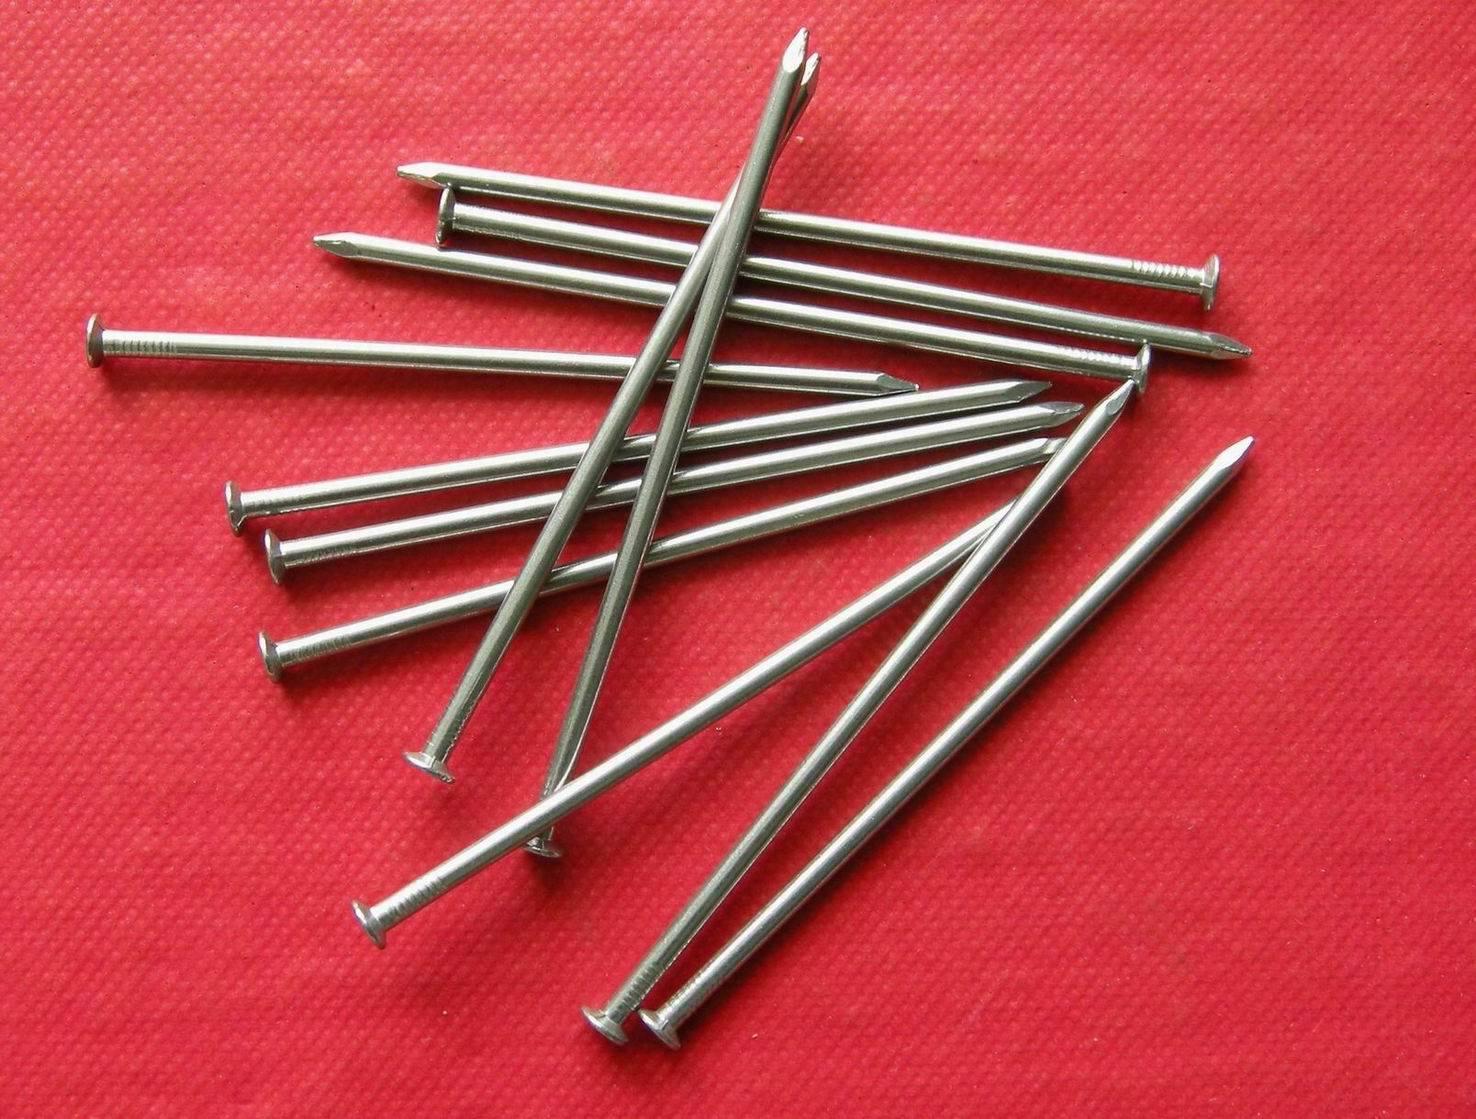 China Common Iron Nails - China Common Nails Iron Nails